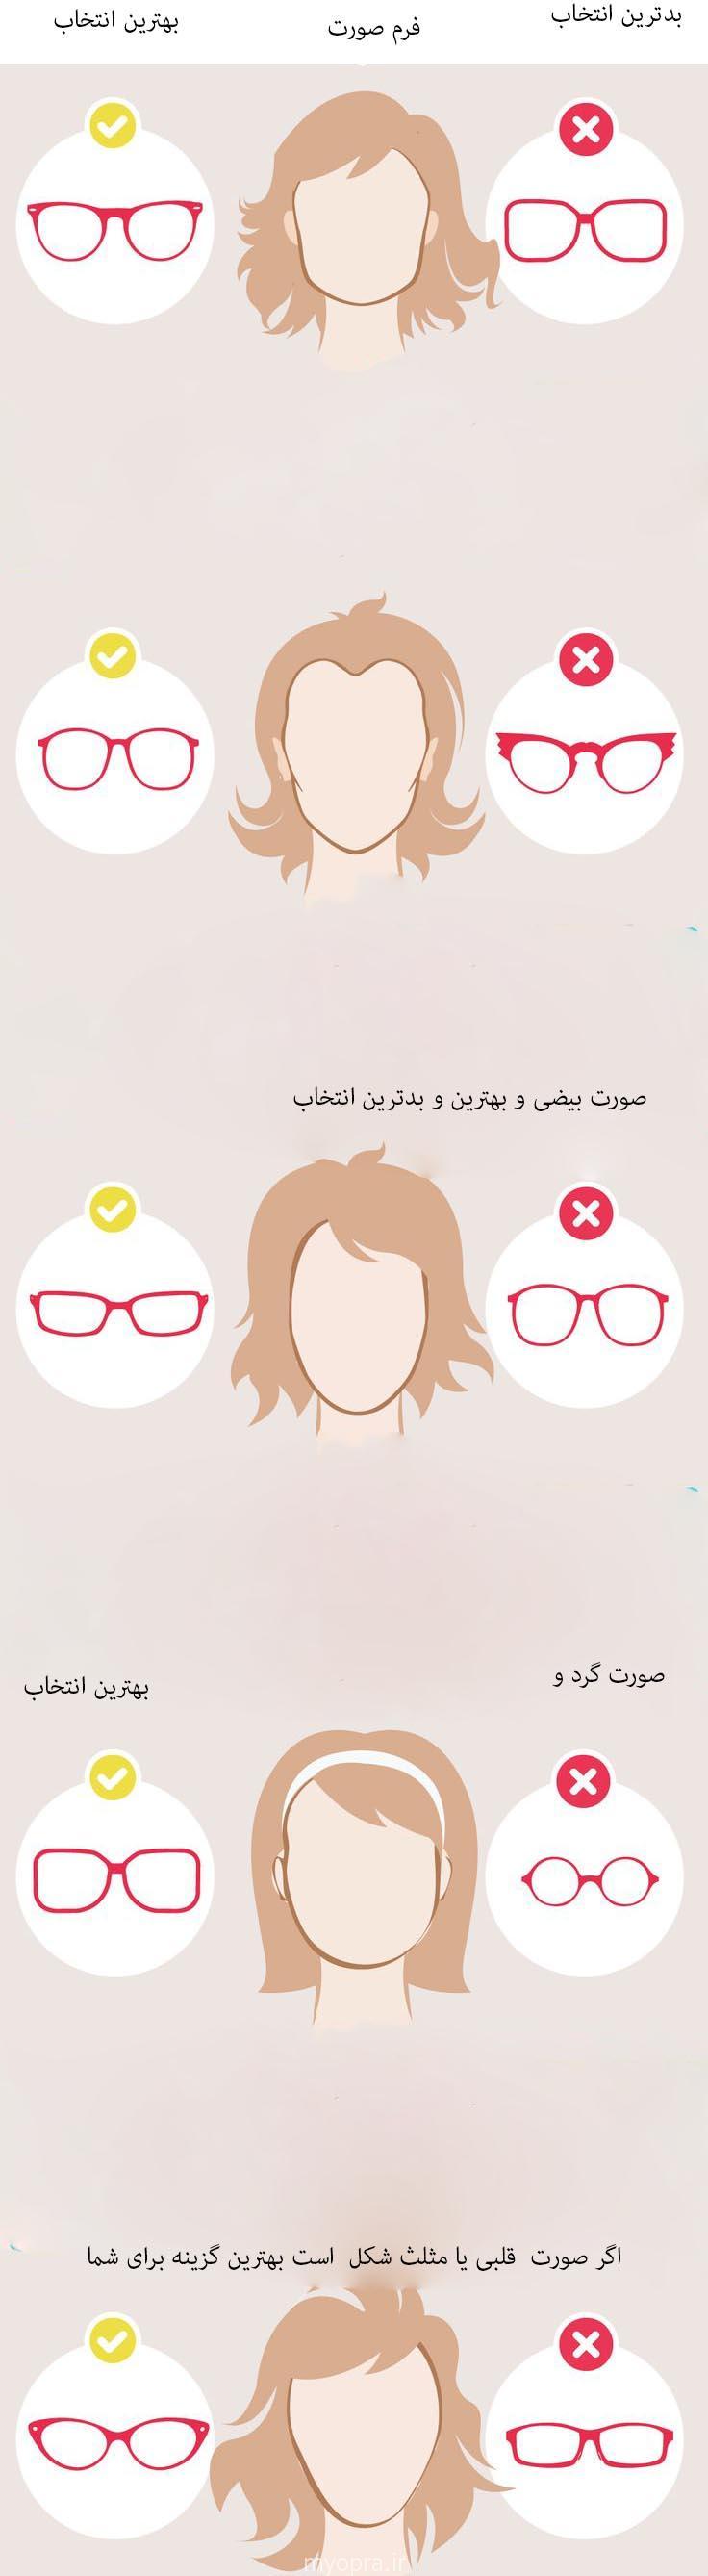 بهترین انتخاب برای عینک آفتابی